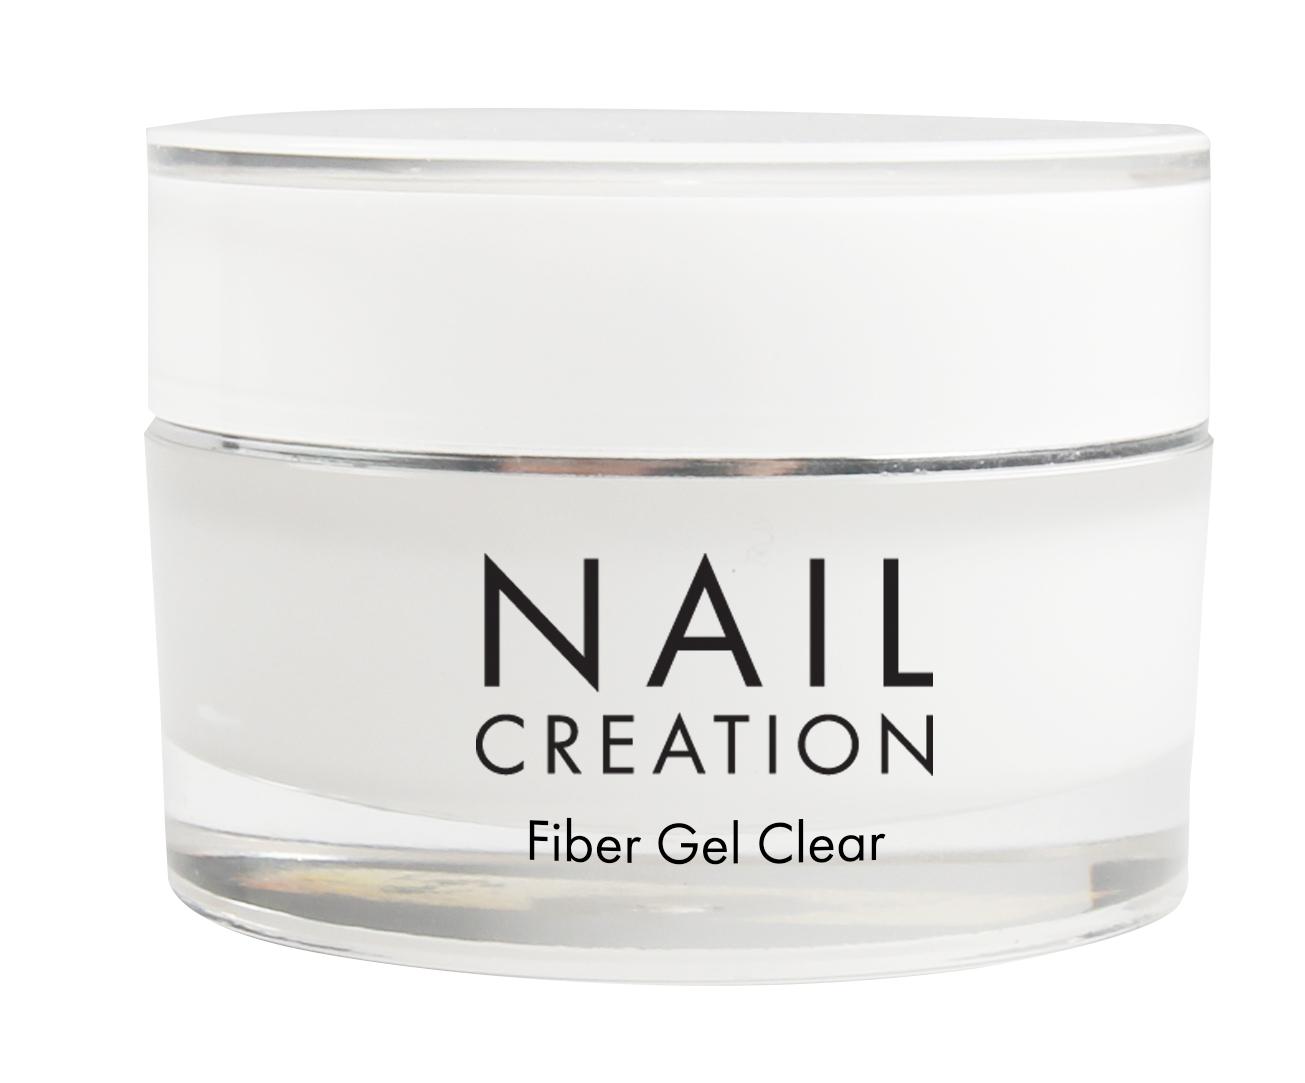 Afbeelding van Nail Creation Fiber Gel - Clear 50 ml